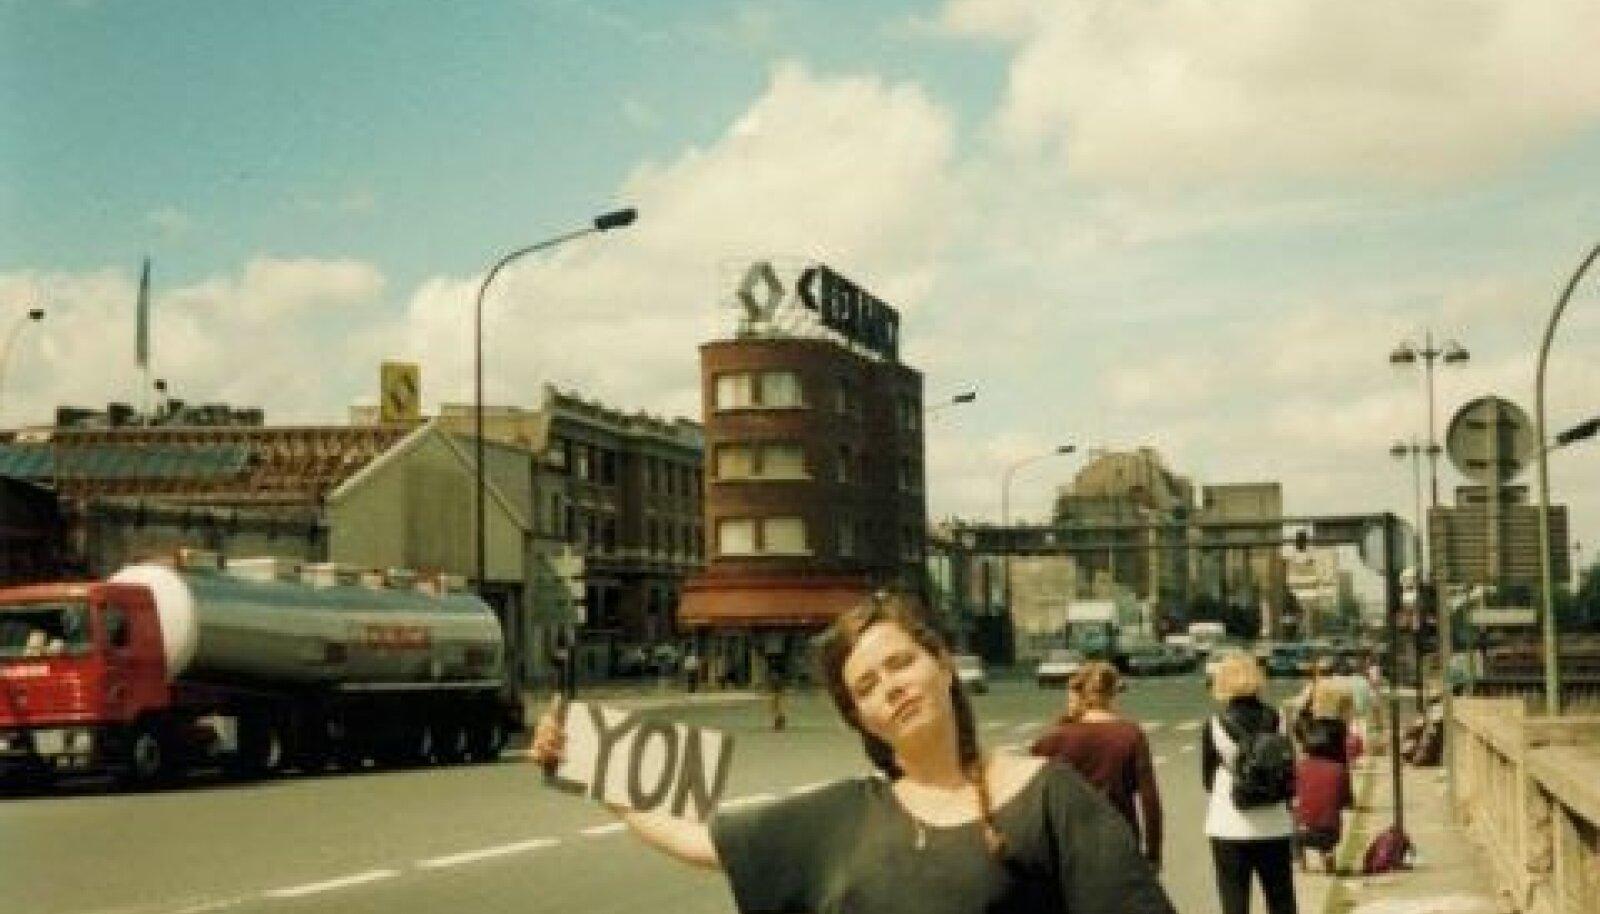 Tiina hääletamas 1994. aasta suvel Pariisis Lyoni poole, lõppsihtmärk oli Taize